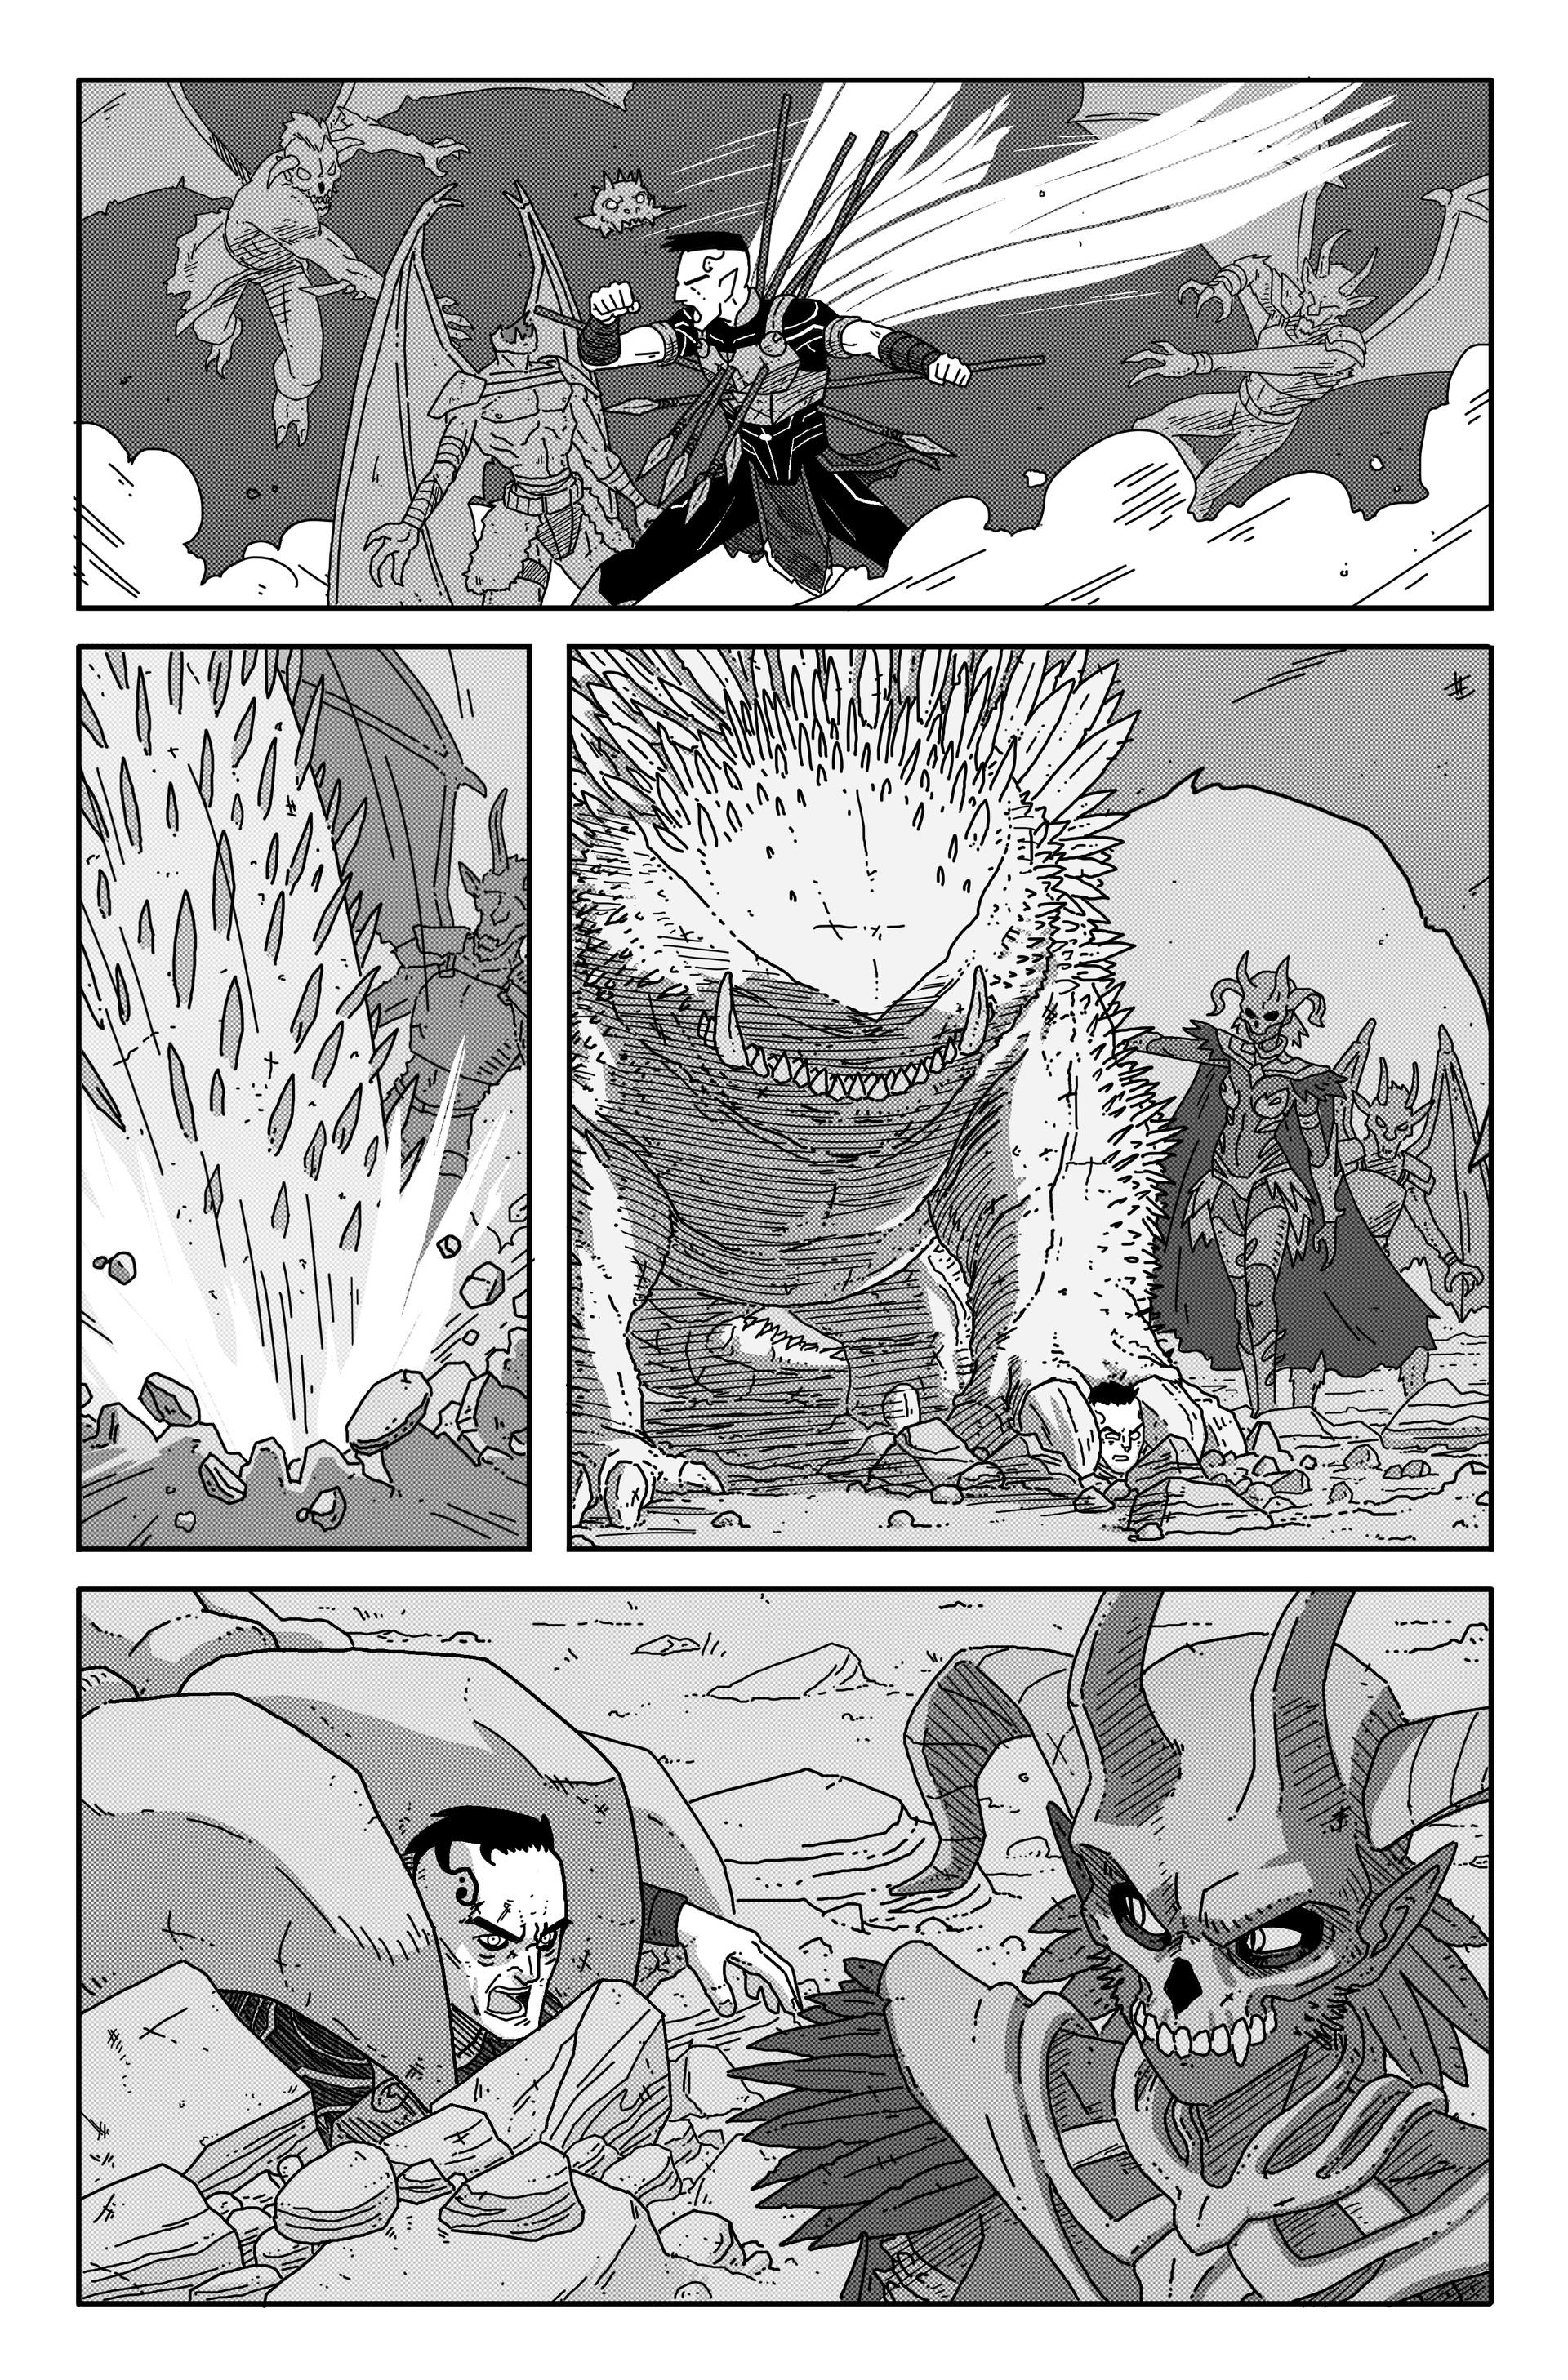 Andrew sebastian kwan pg 13